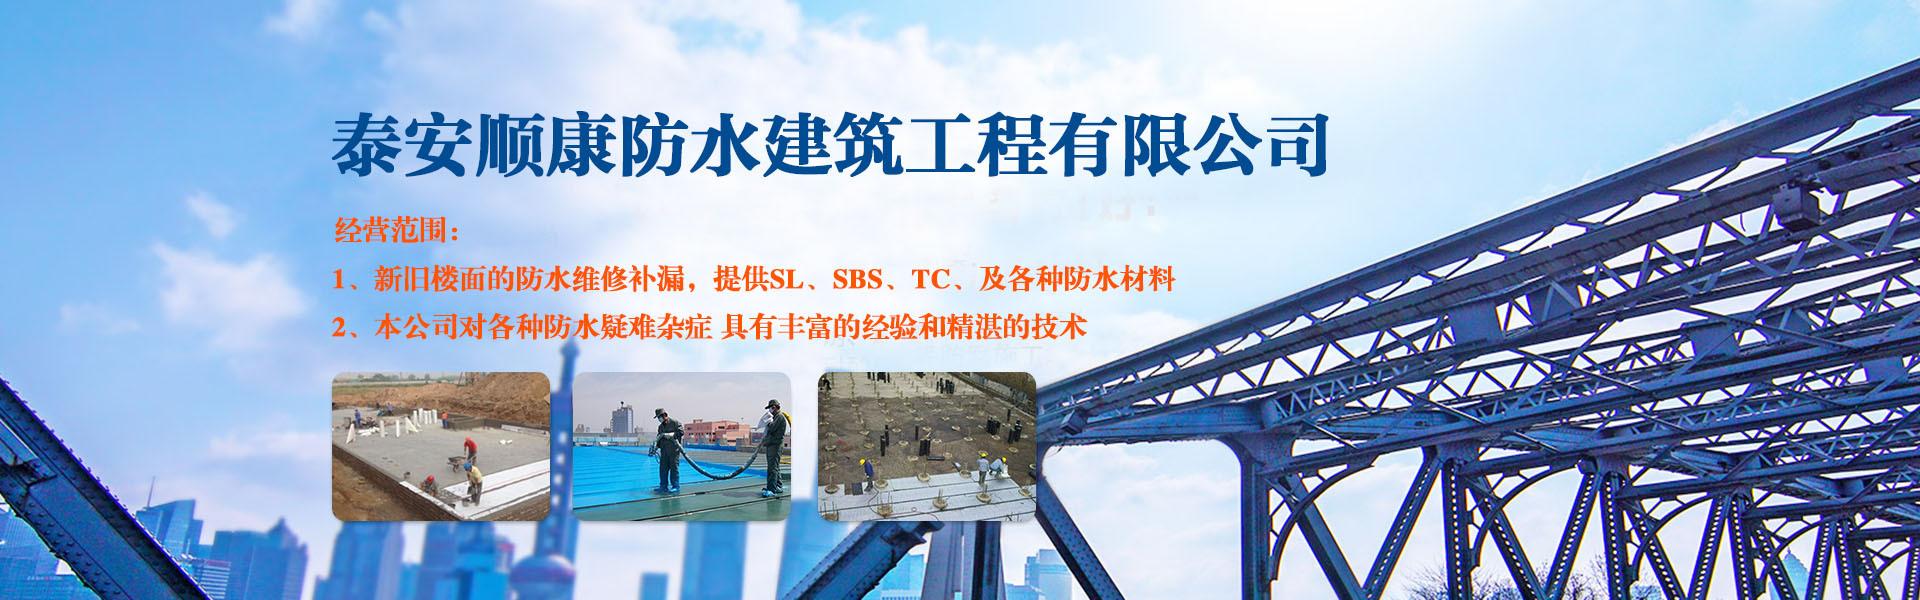 山东防水施工队